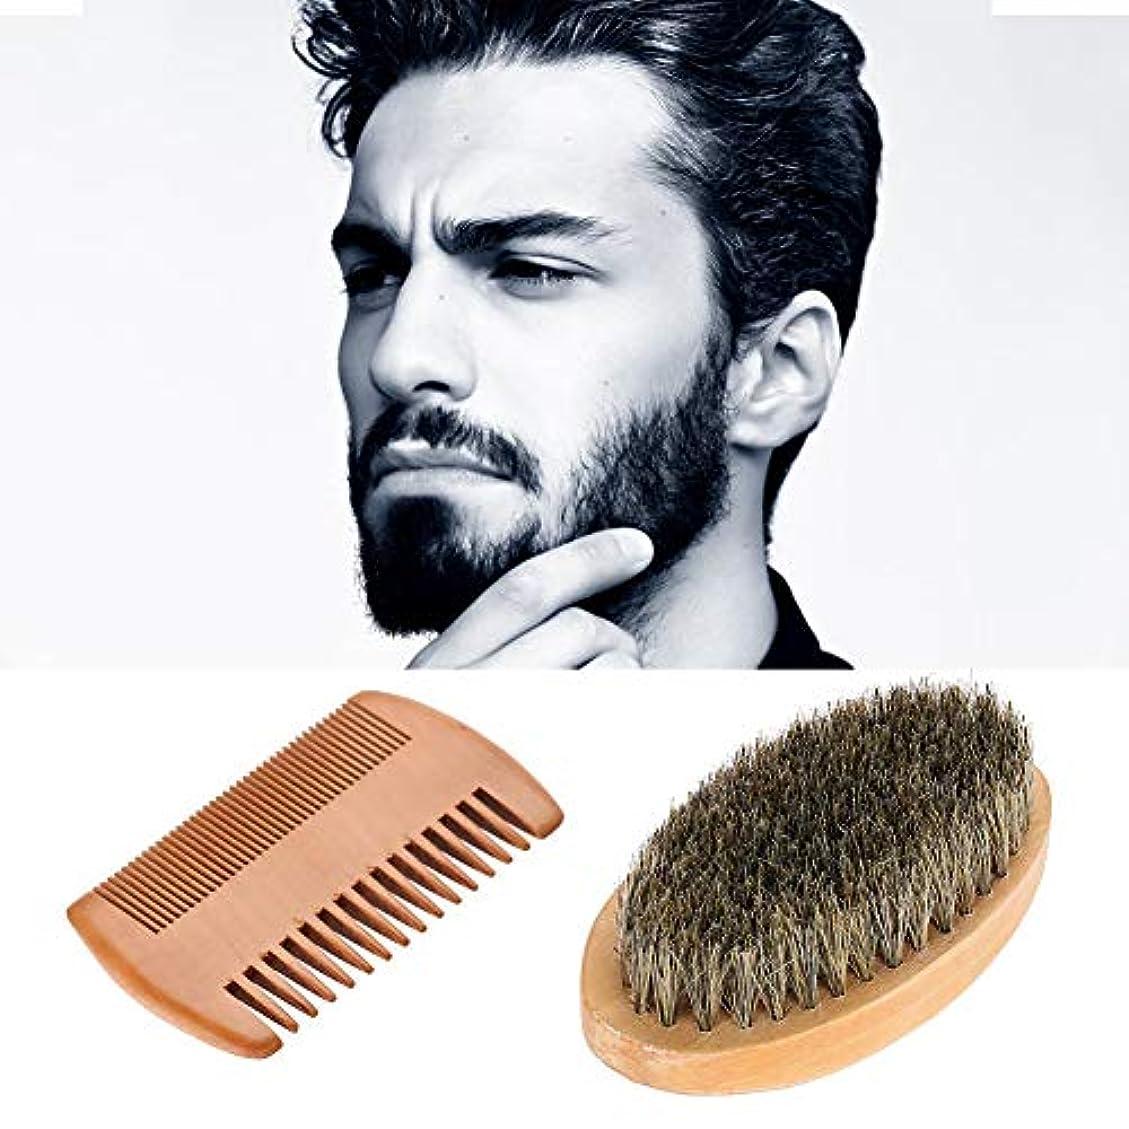 バンガロー星形式男性の楕円形の木製の楕円形のブラシ+ひげの毛の顔のクリーニングの手入れをするキットのための櫛